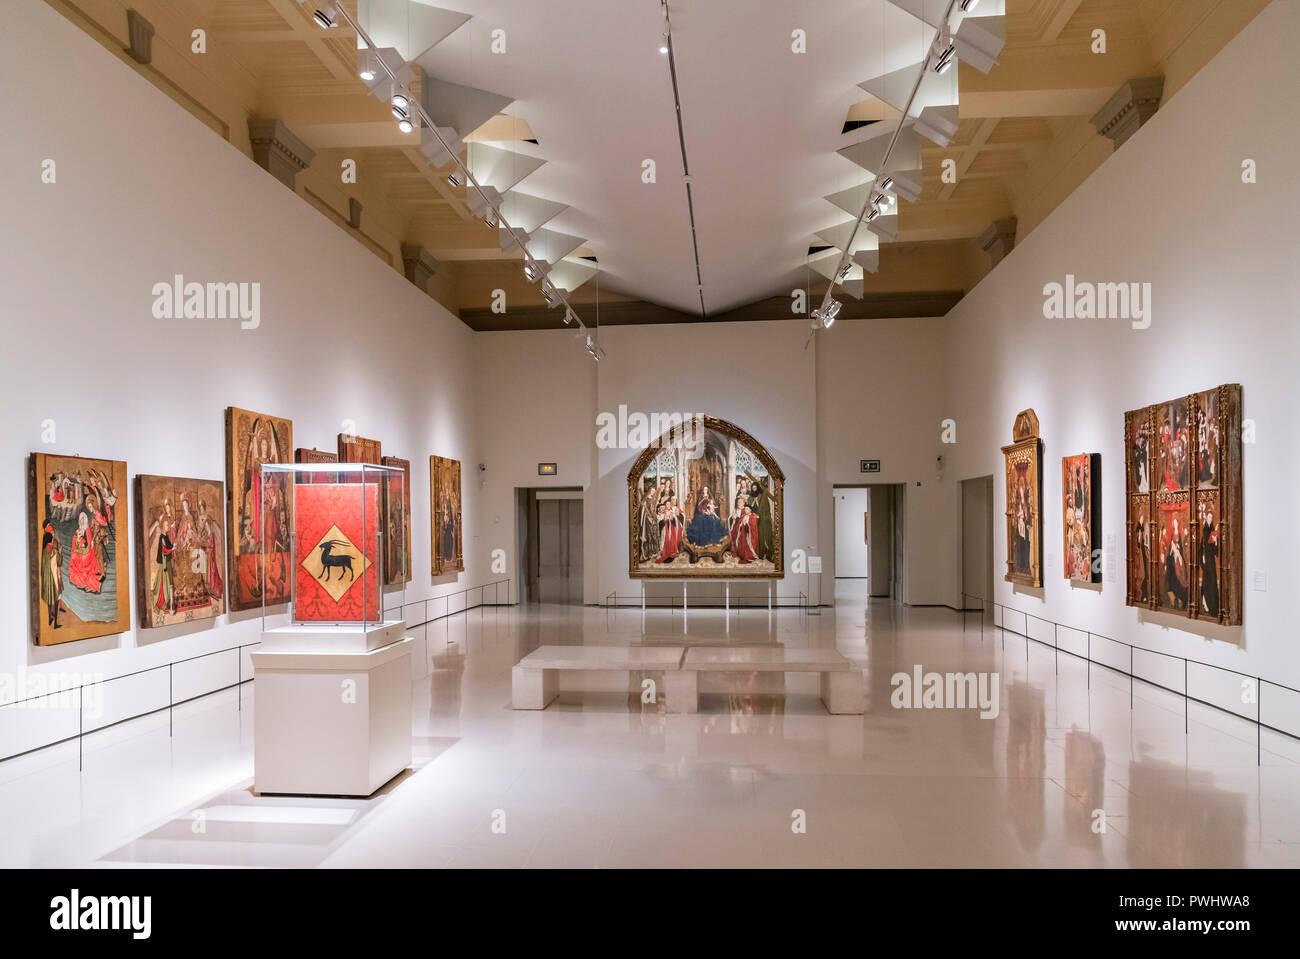 El Museo Nacional de Arte de Cataluña - Museu Nacional d'Art de Catalunya (MNAC) - Parc de Montjuïc, Barcelona, España. Imagen De Stock